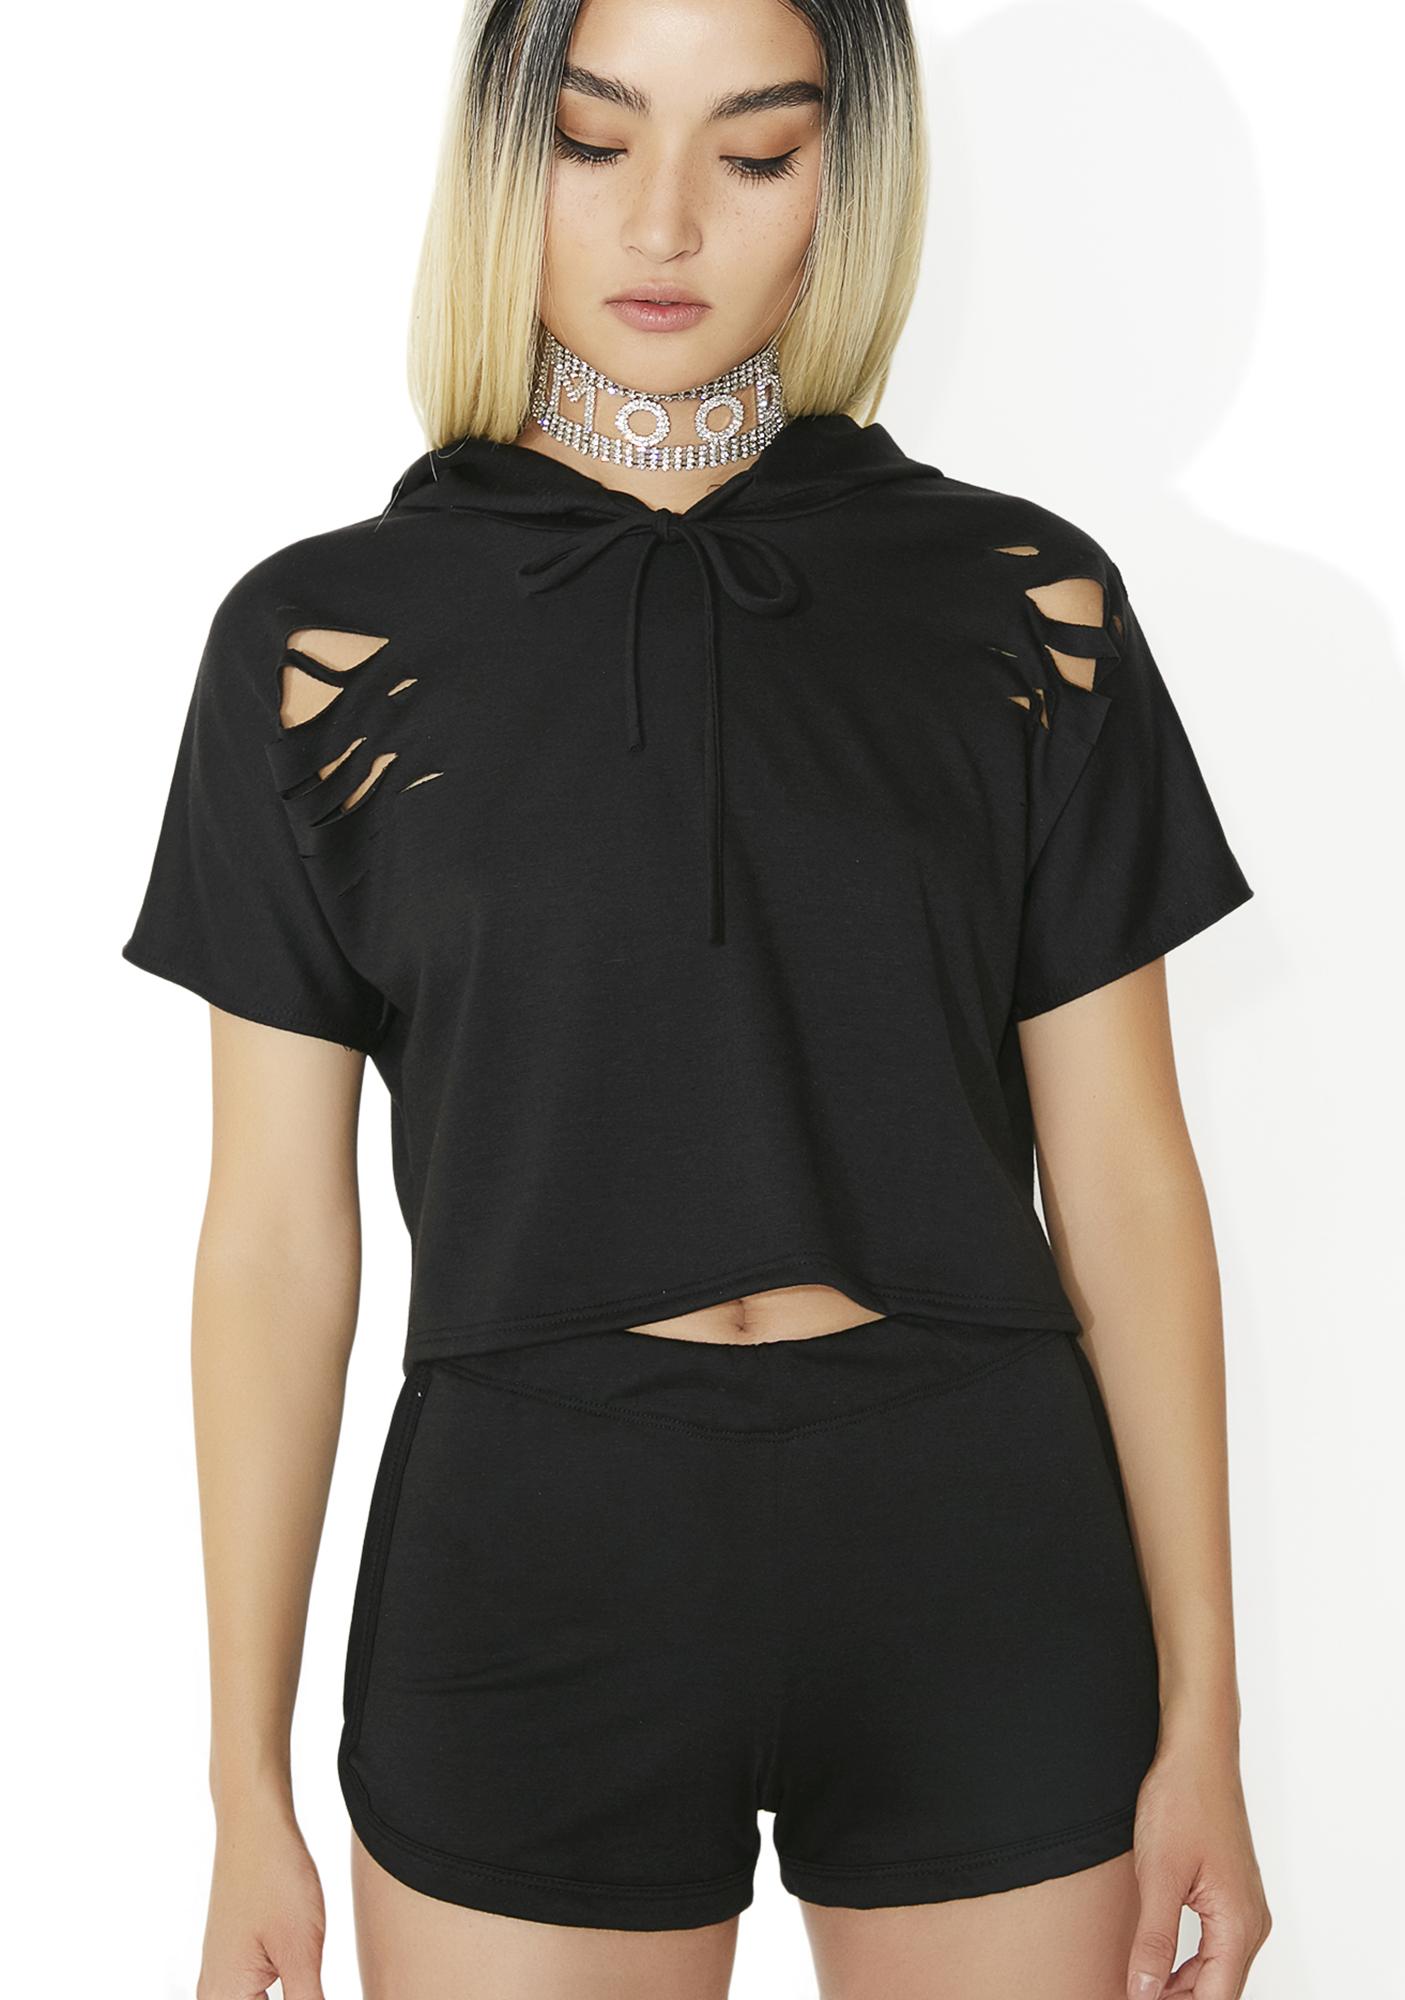 Distressed Hoodie Shorts Matching Set Black